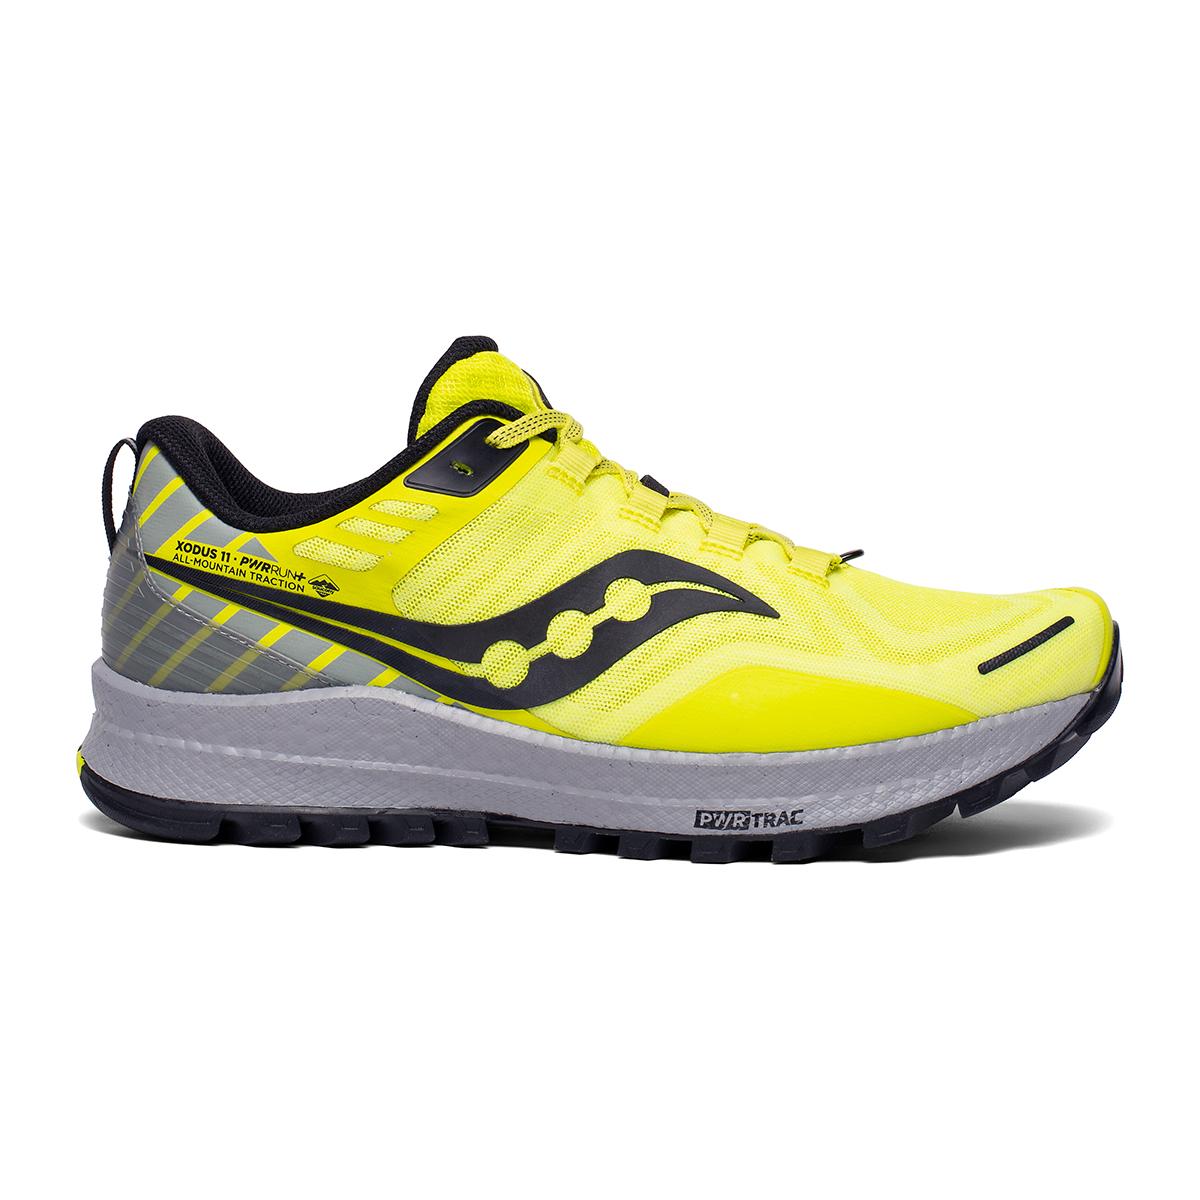 Men's Saucony Xodus 11 Trail Running Shoe - Color: Citrus/Alloy - Size: 7.5 - Width: Regular, Citrus/Alloy, large, image 1